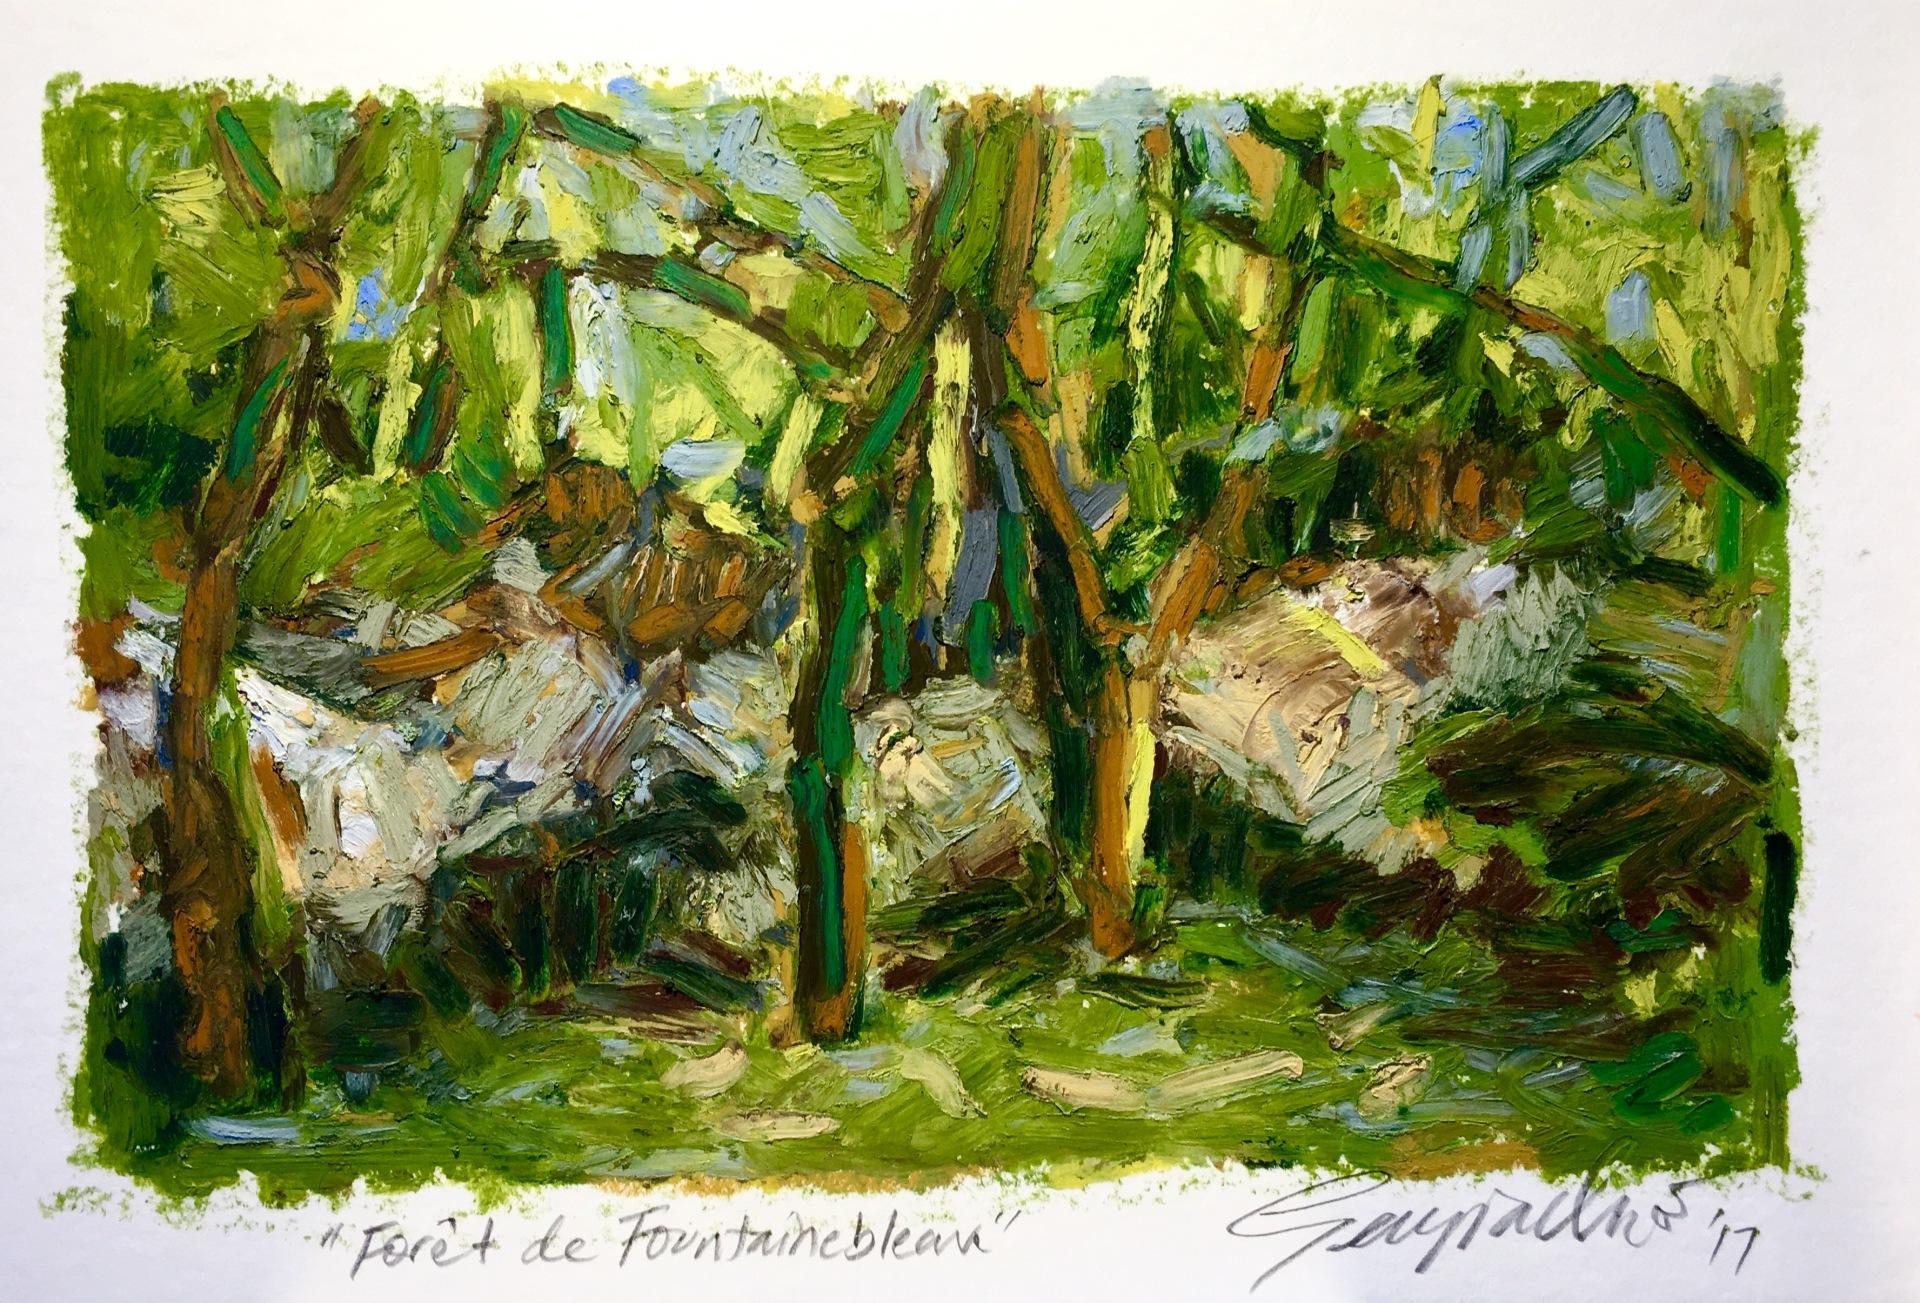 Forét de Fontainebleau (SOLD)